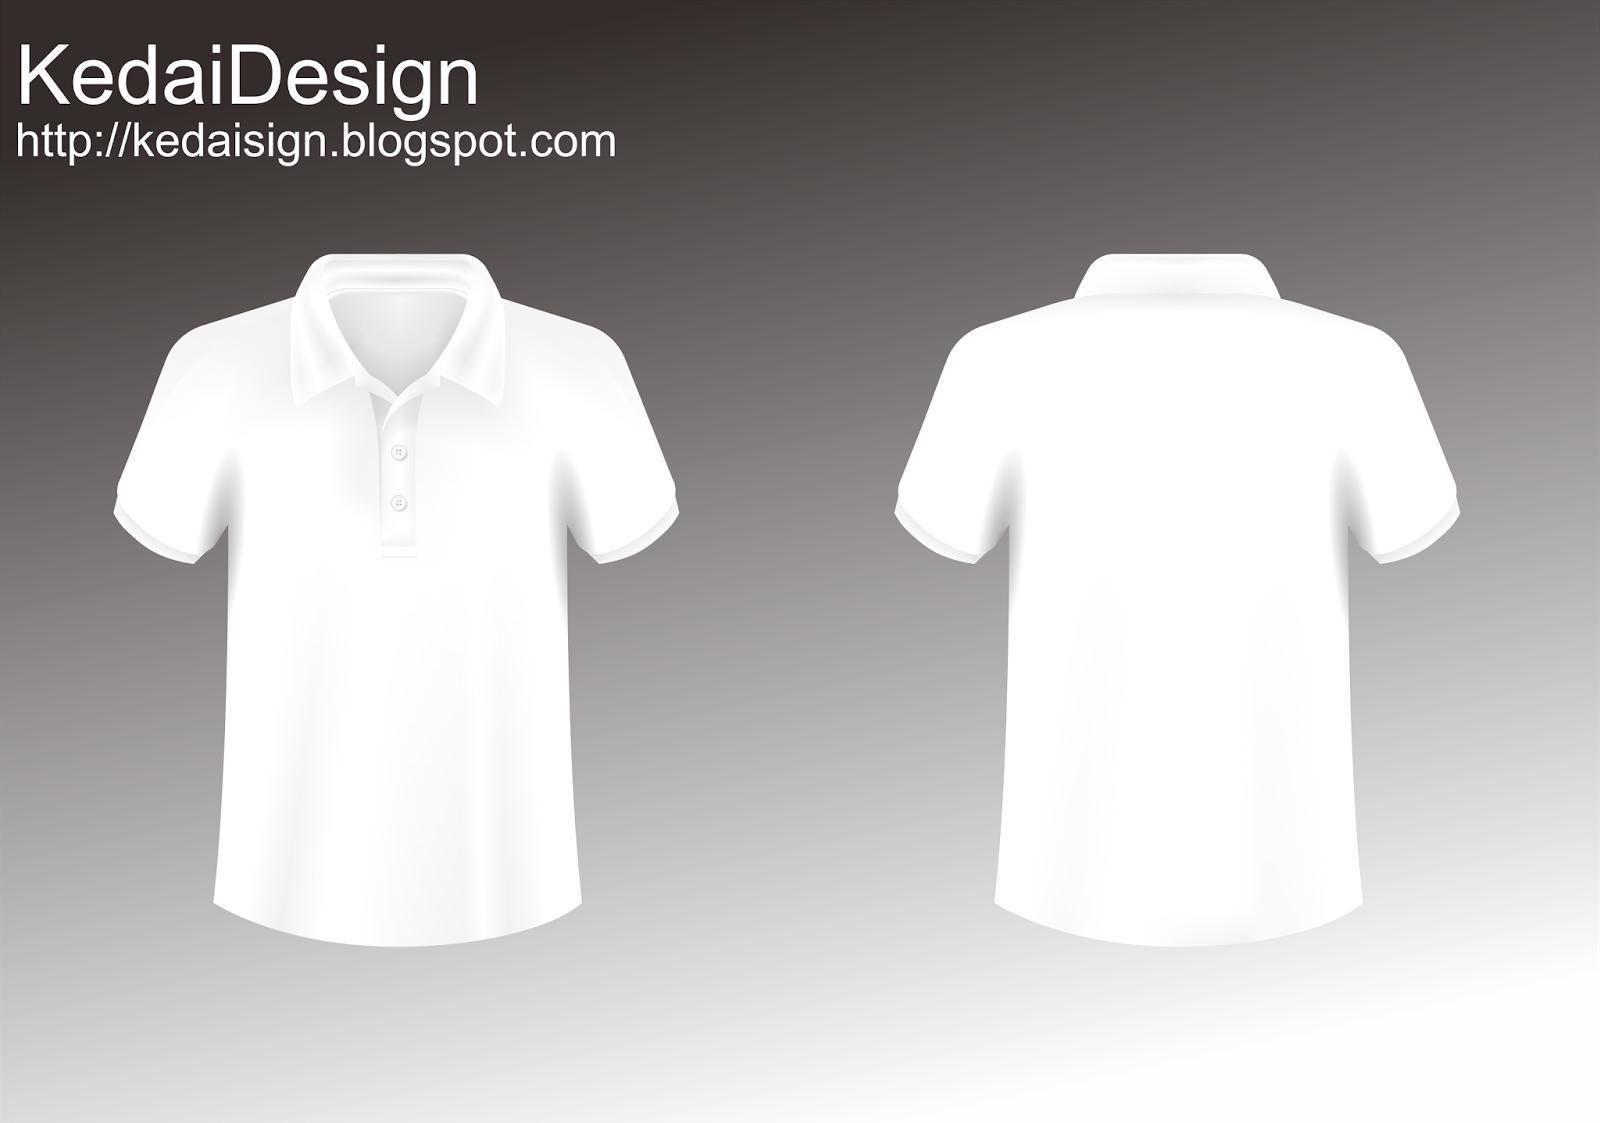 44 Foto Desain Kaos Polo Png HD Unduh Gratis